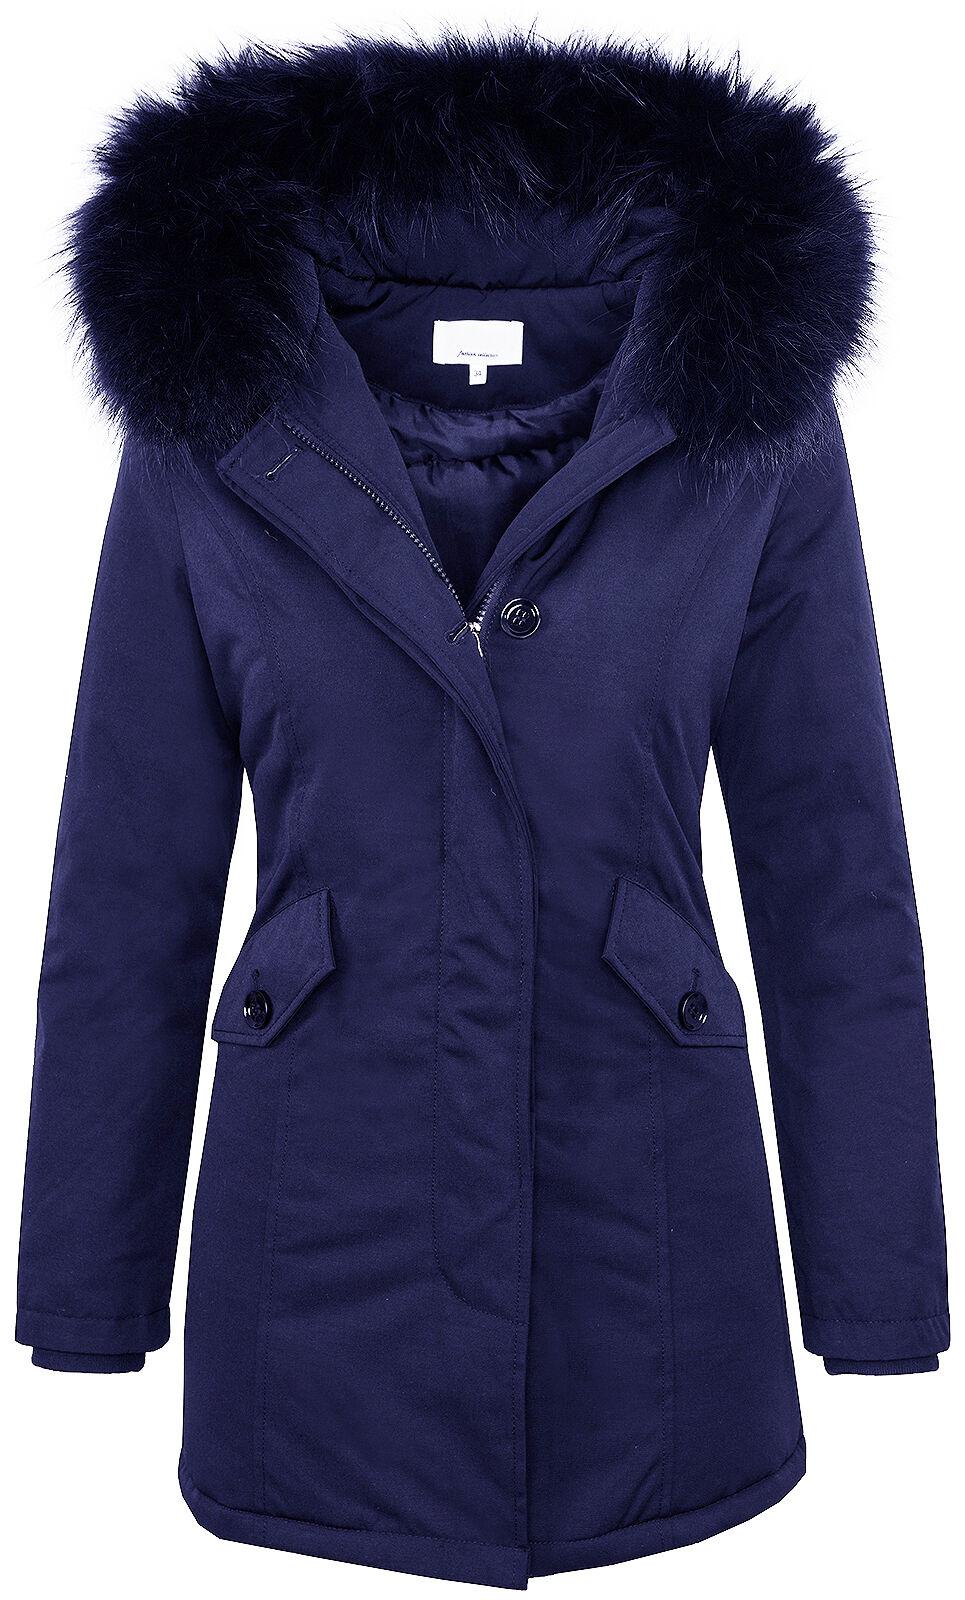 Designer Giacca Invernale women Cappotto Cappotto Cappotto Eskimo Foderato 36 38 40 42 D-218 09043f